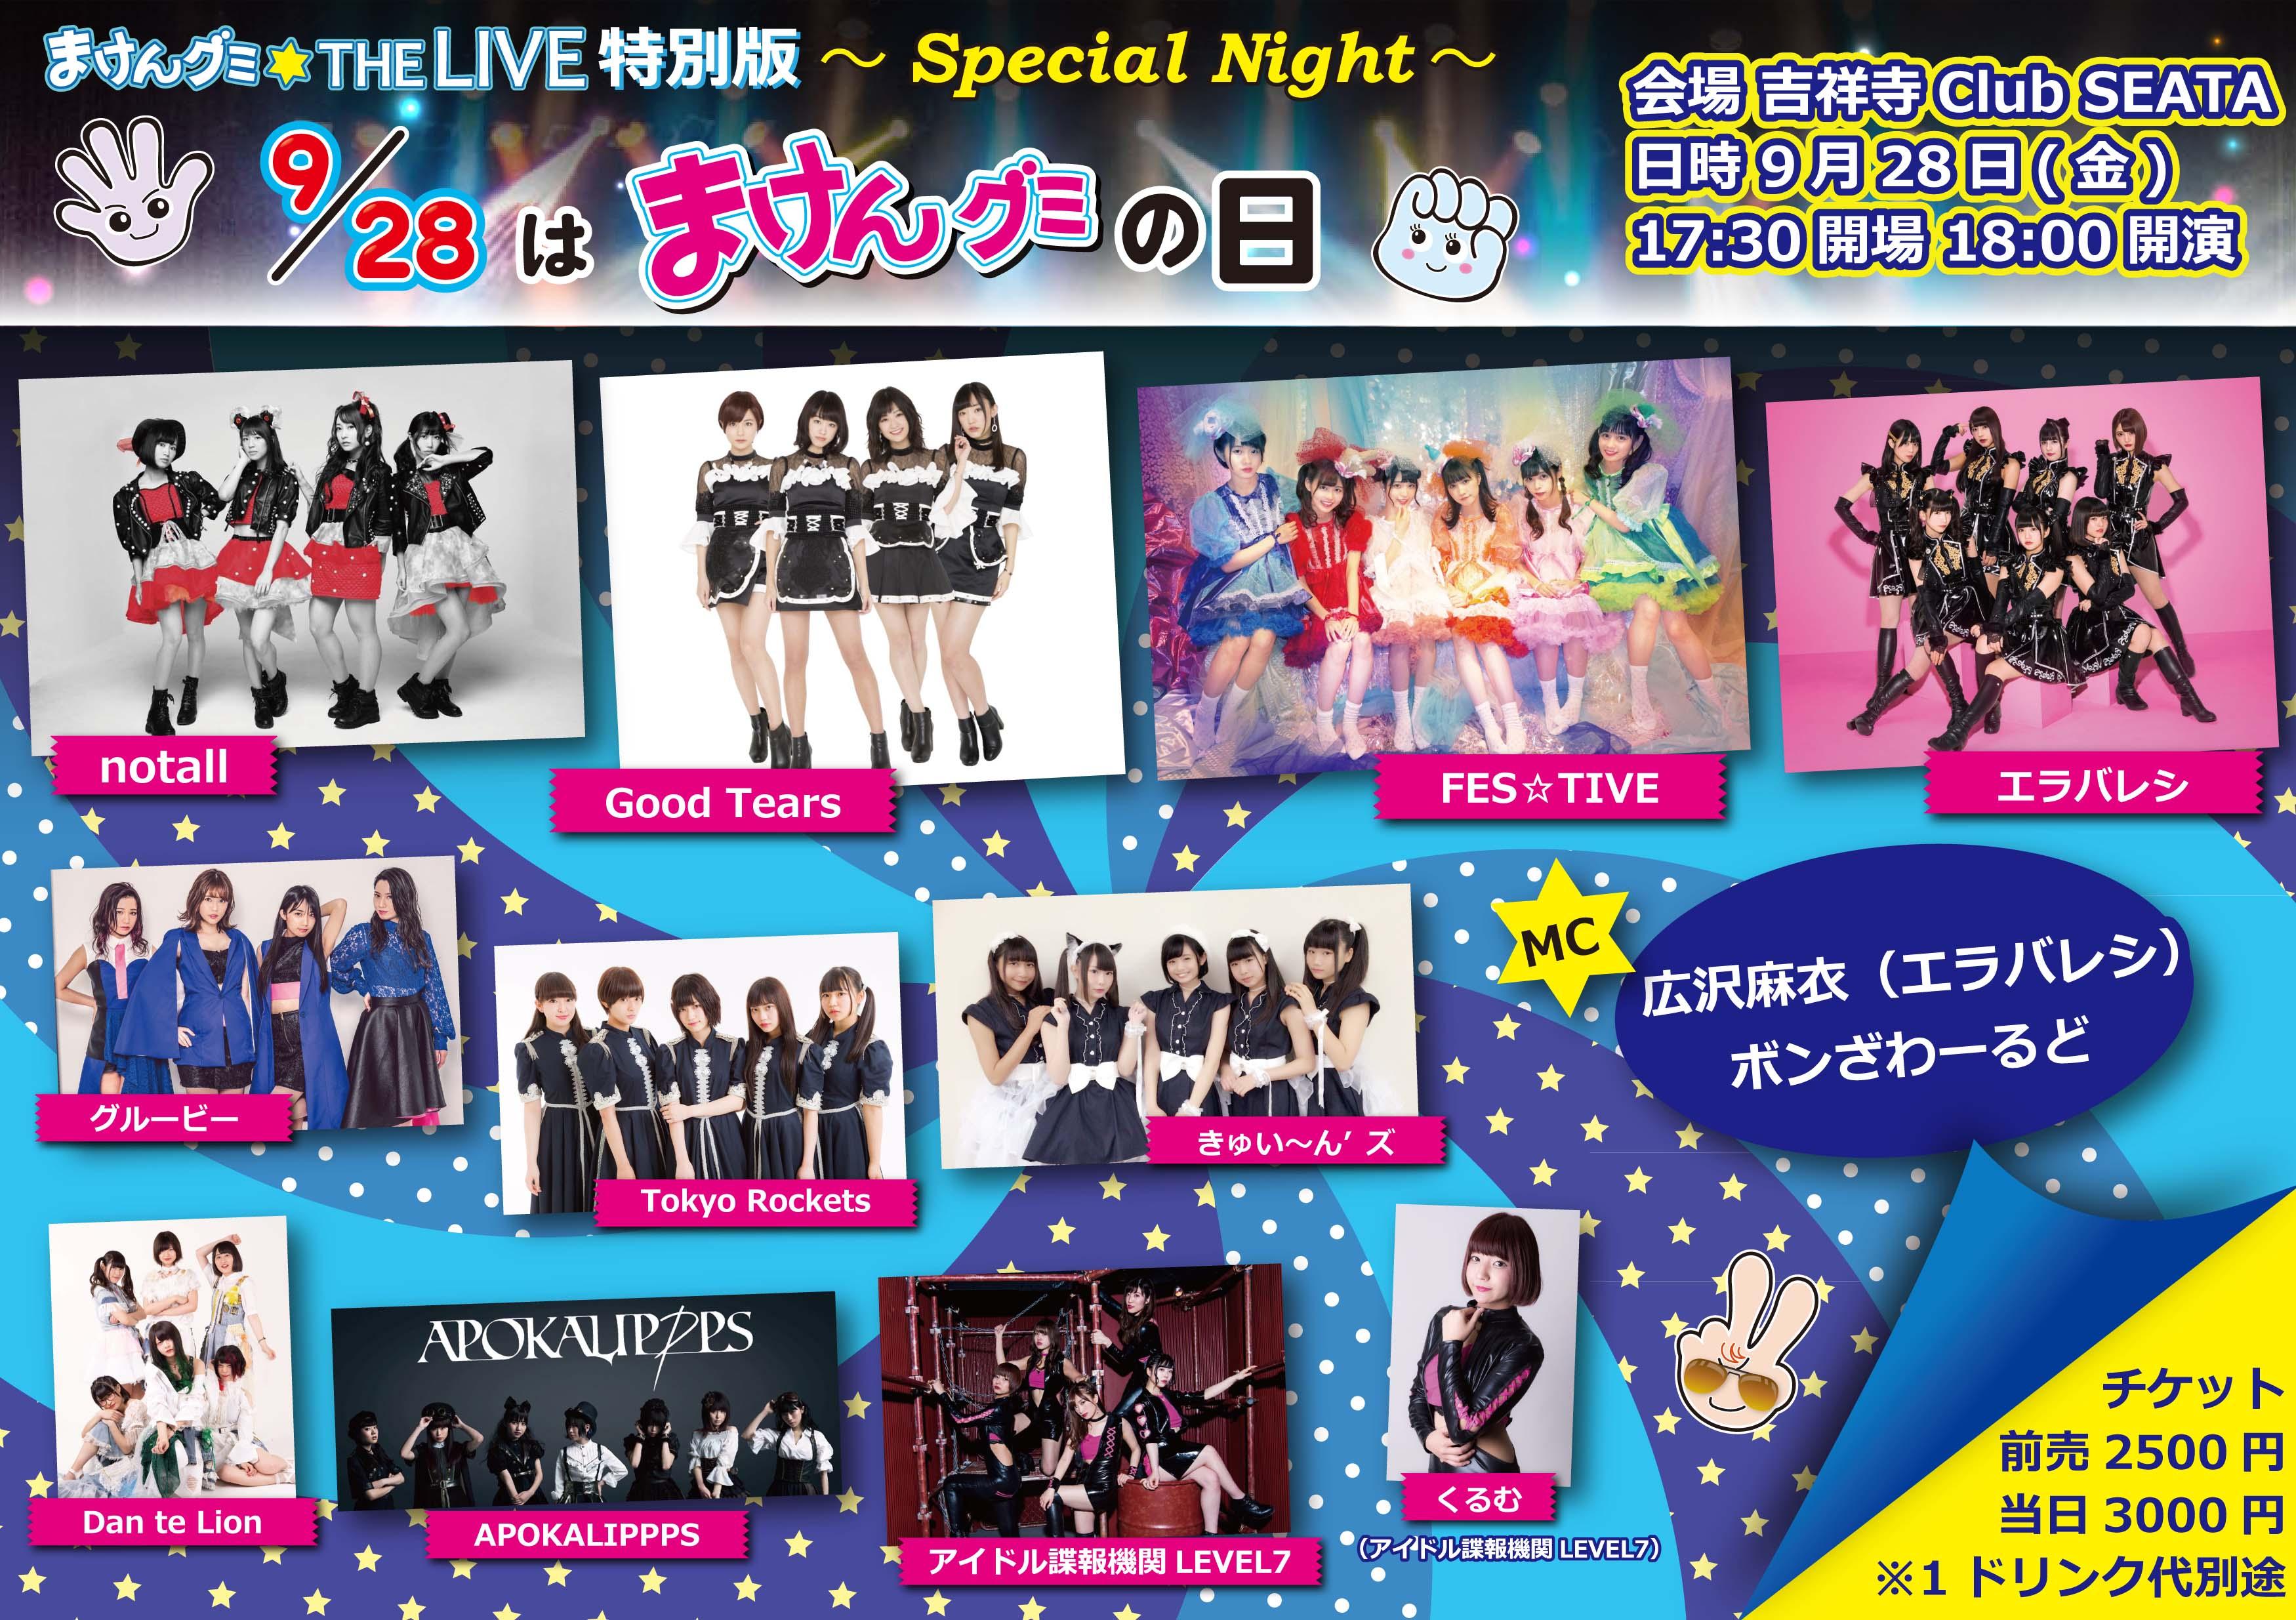 まけんグミTHE☆LIVE特別版『928まけんグミの日!Special Night』